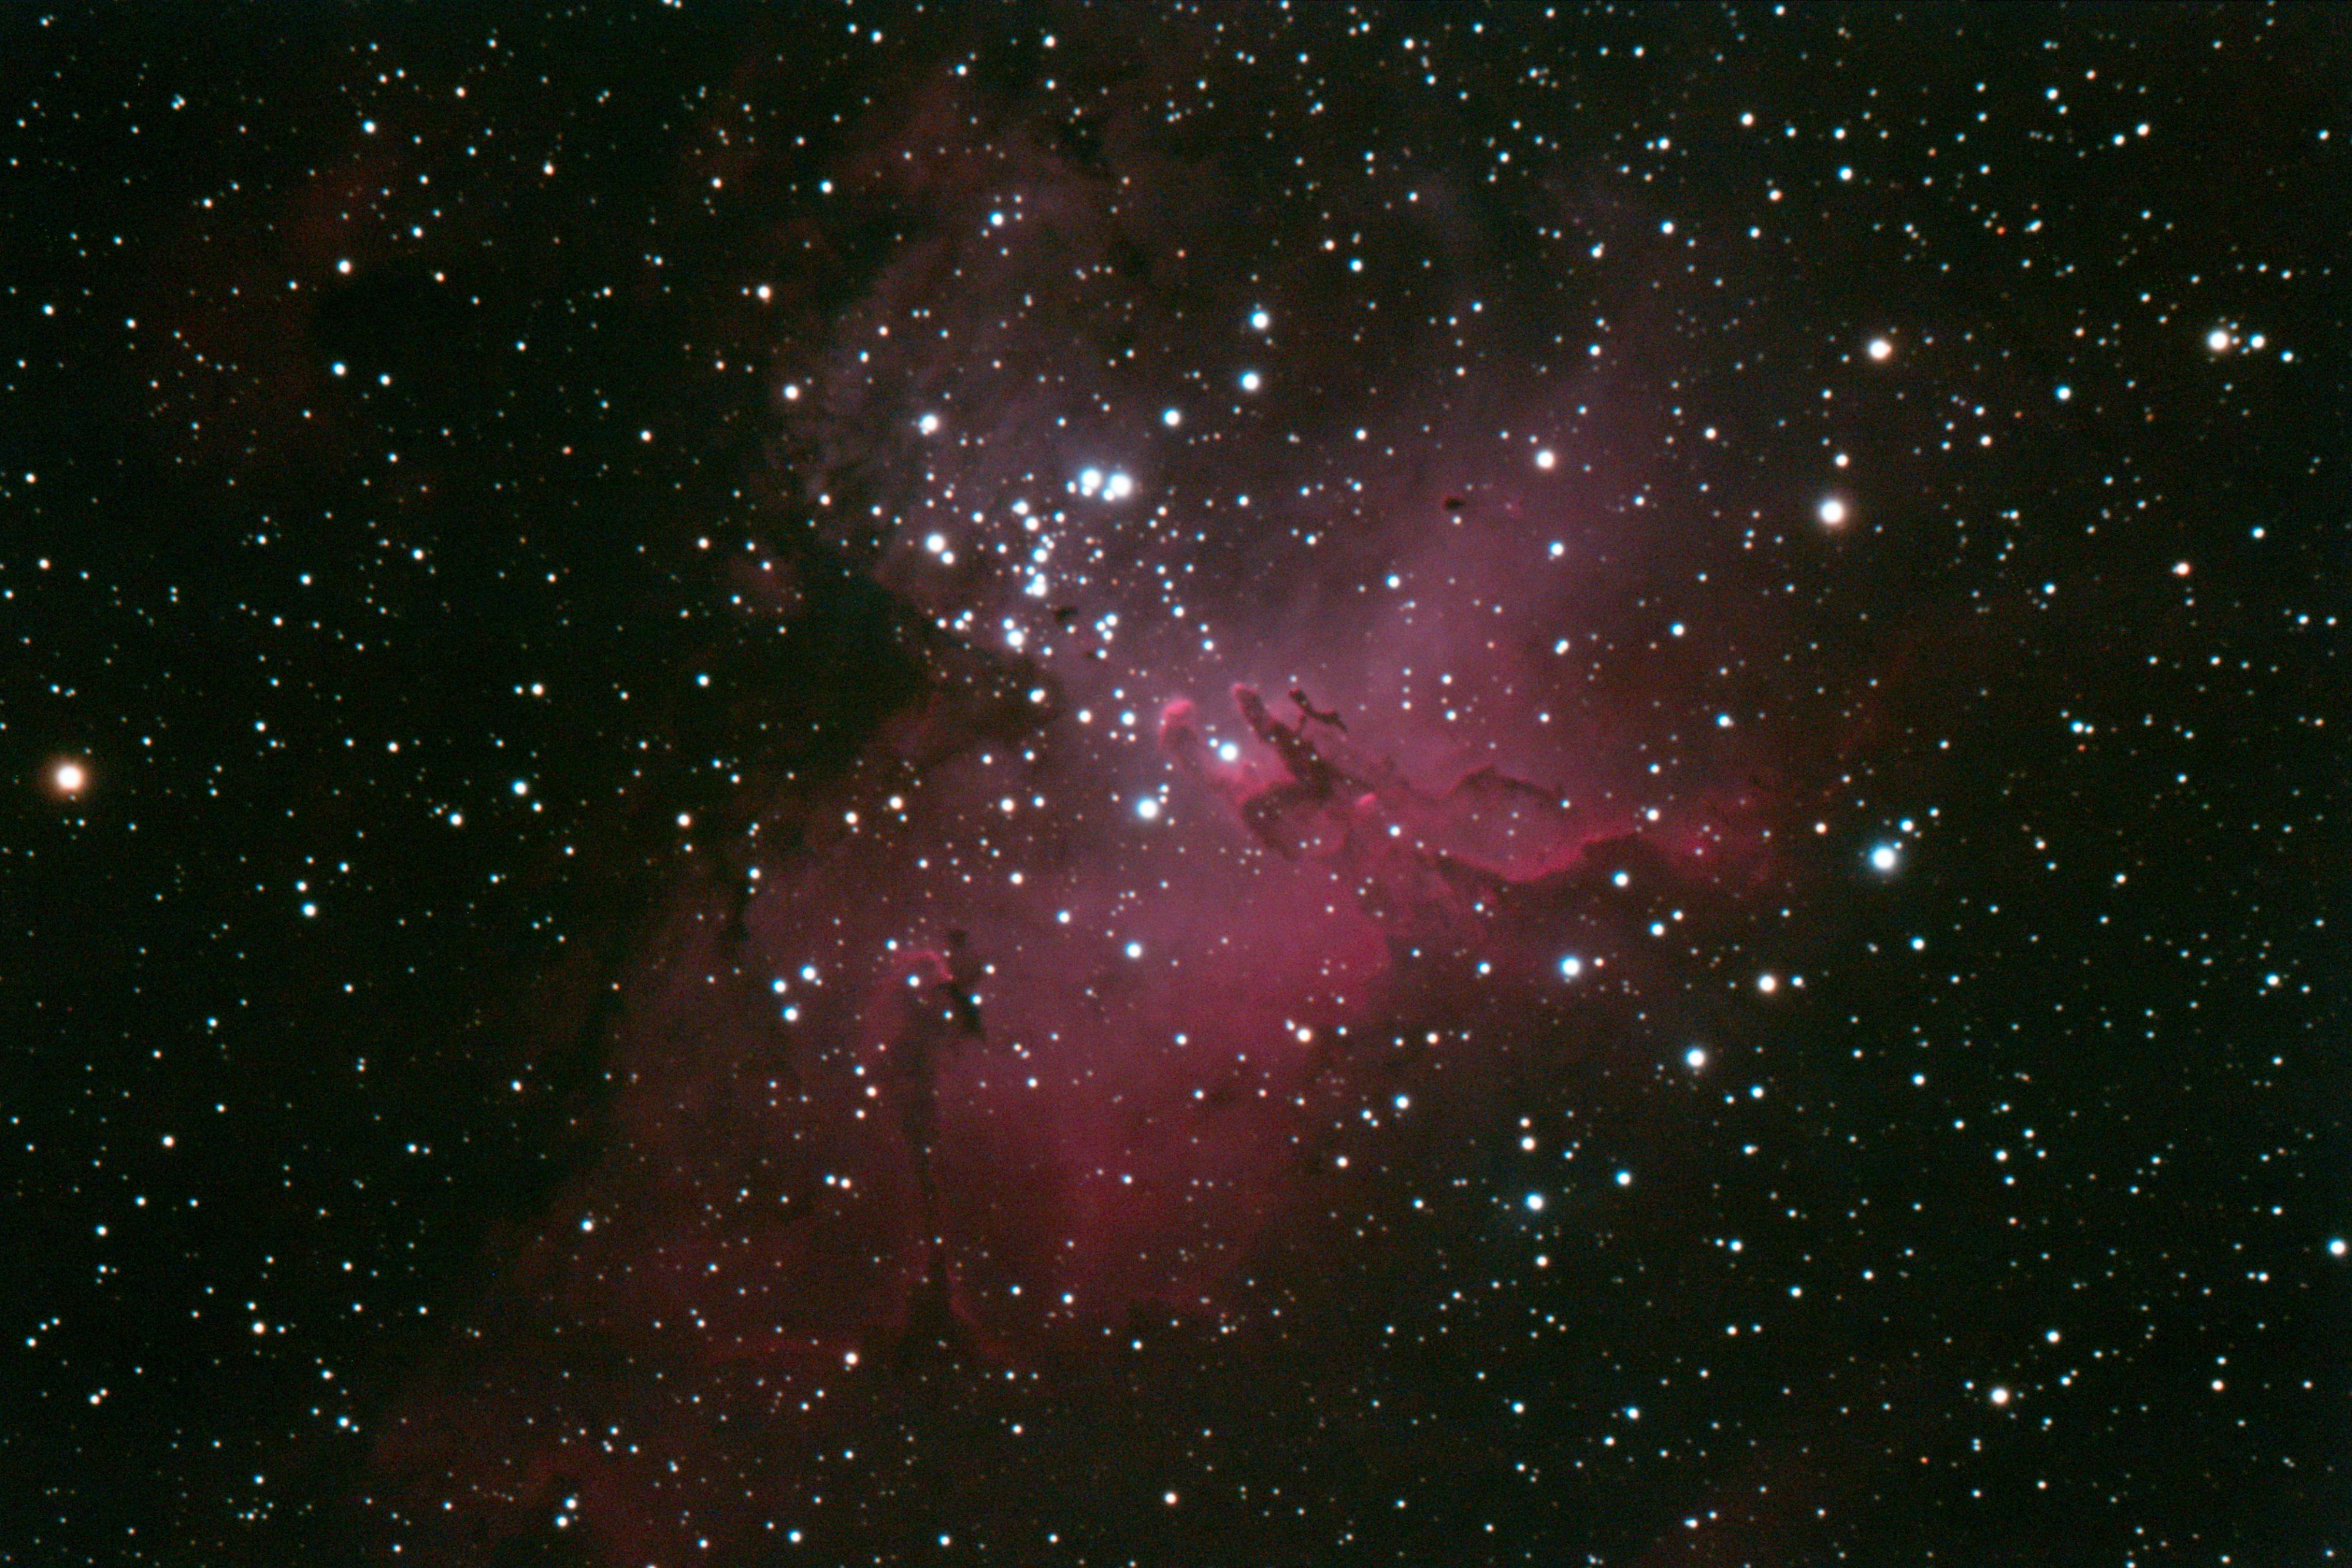 M16 20190531 55min.jpg